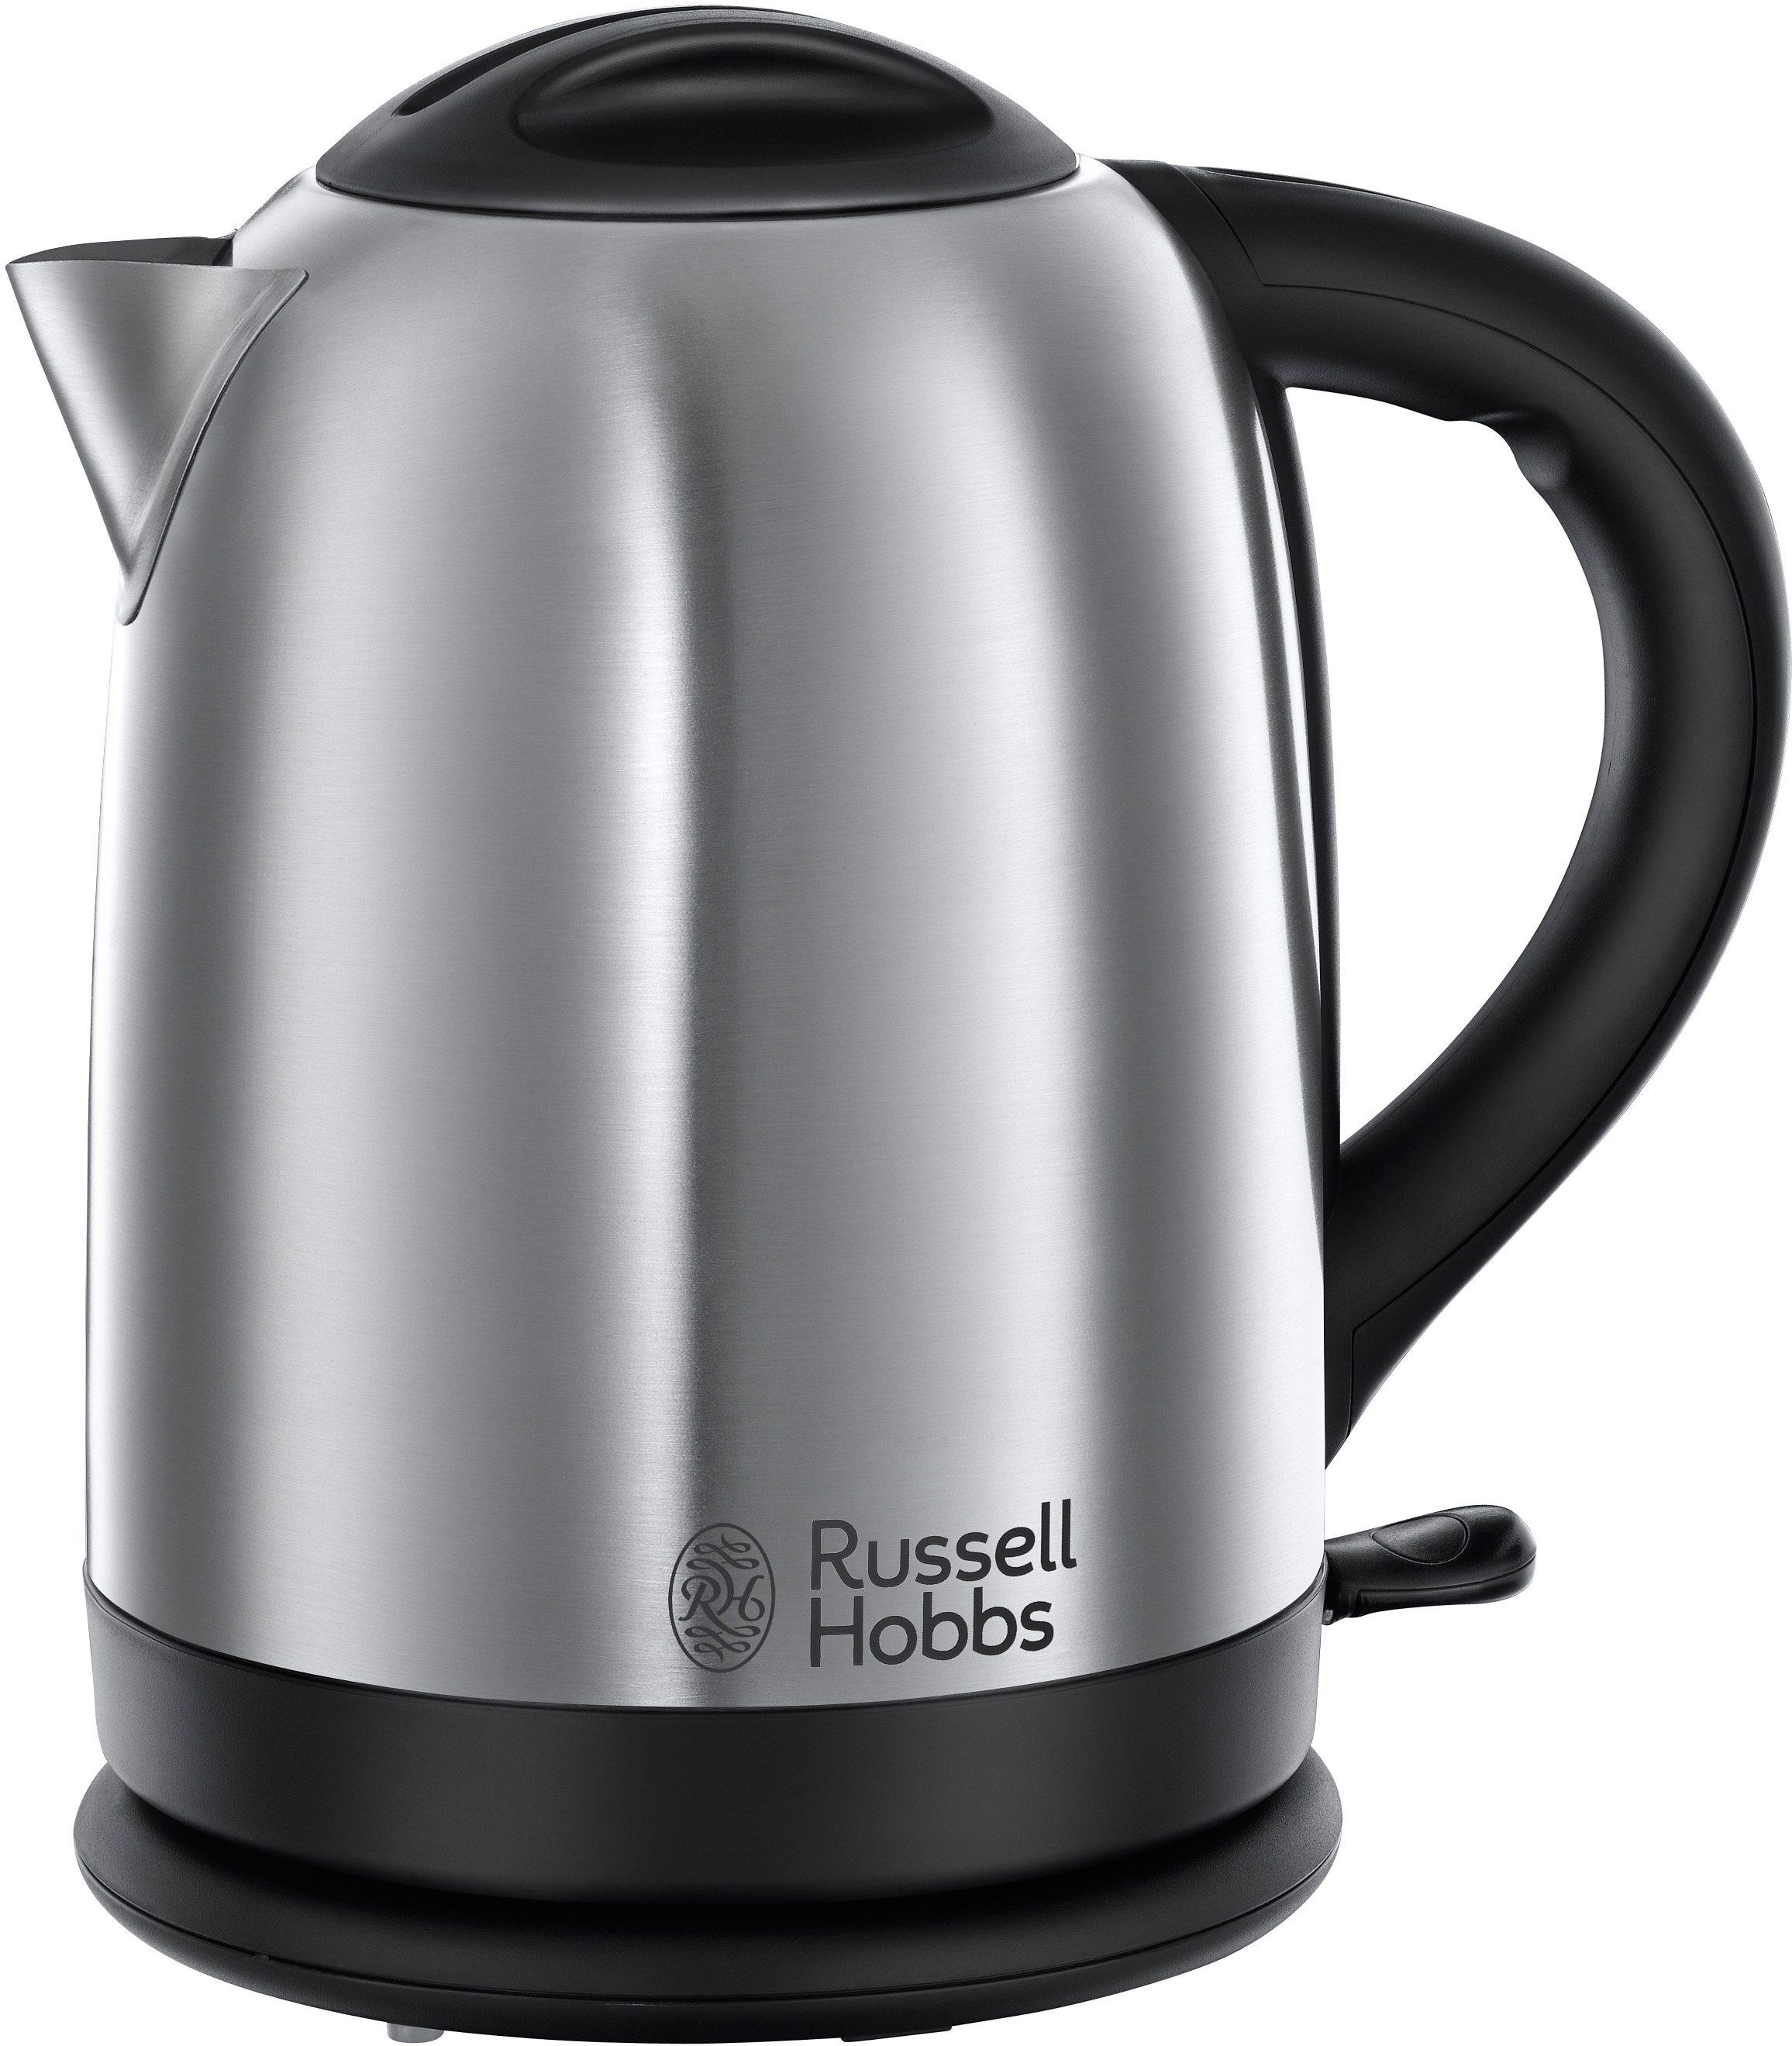 Russell Hobbs Wasserkocher »Oxford« 20090-56, 1,7 liter, 2400 Watt